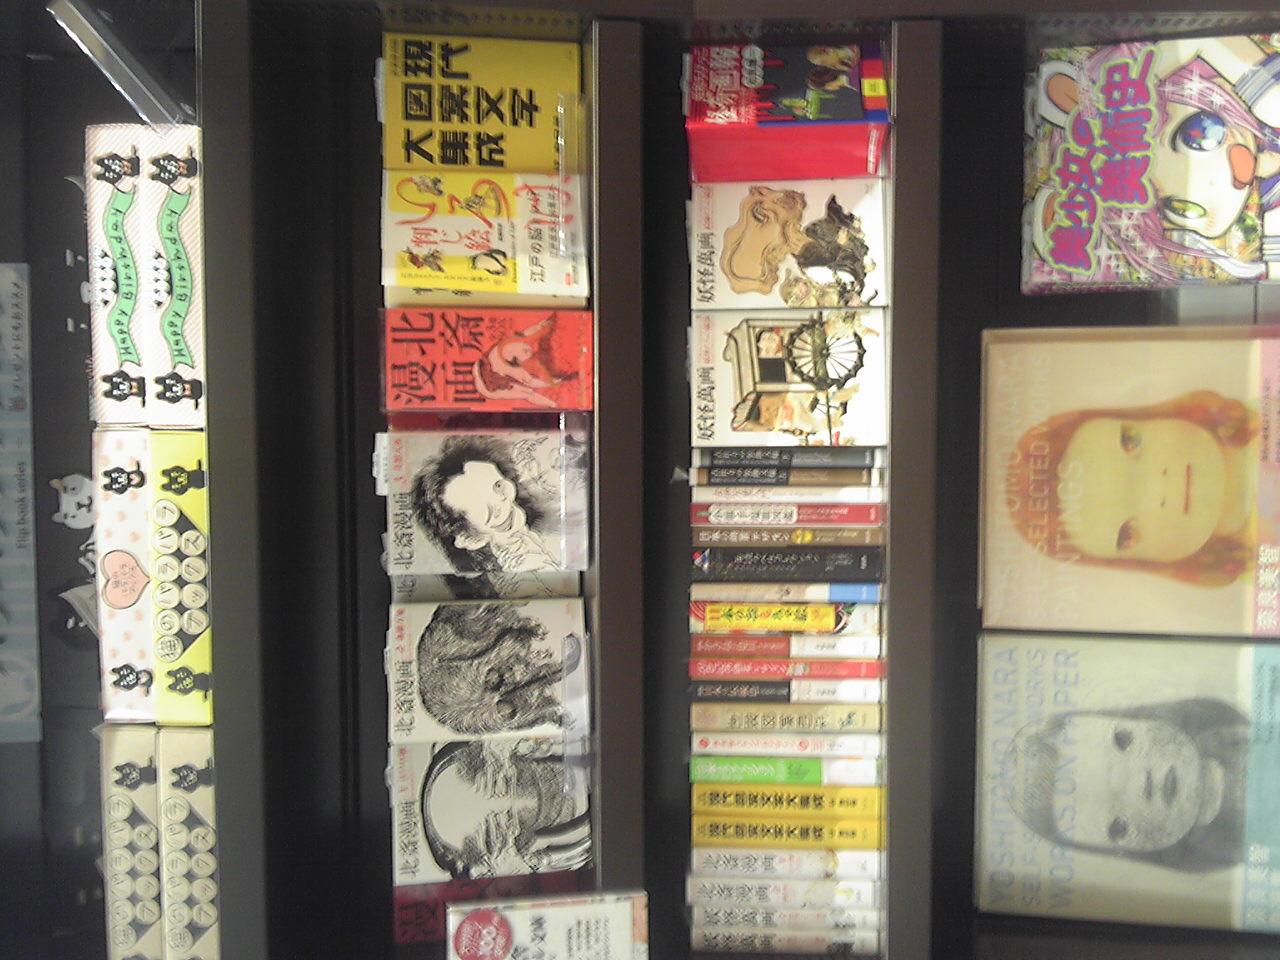 丸善地下一階では、京都の出版社・青幻舎のフェアをやっている